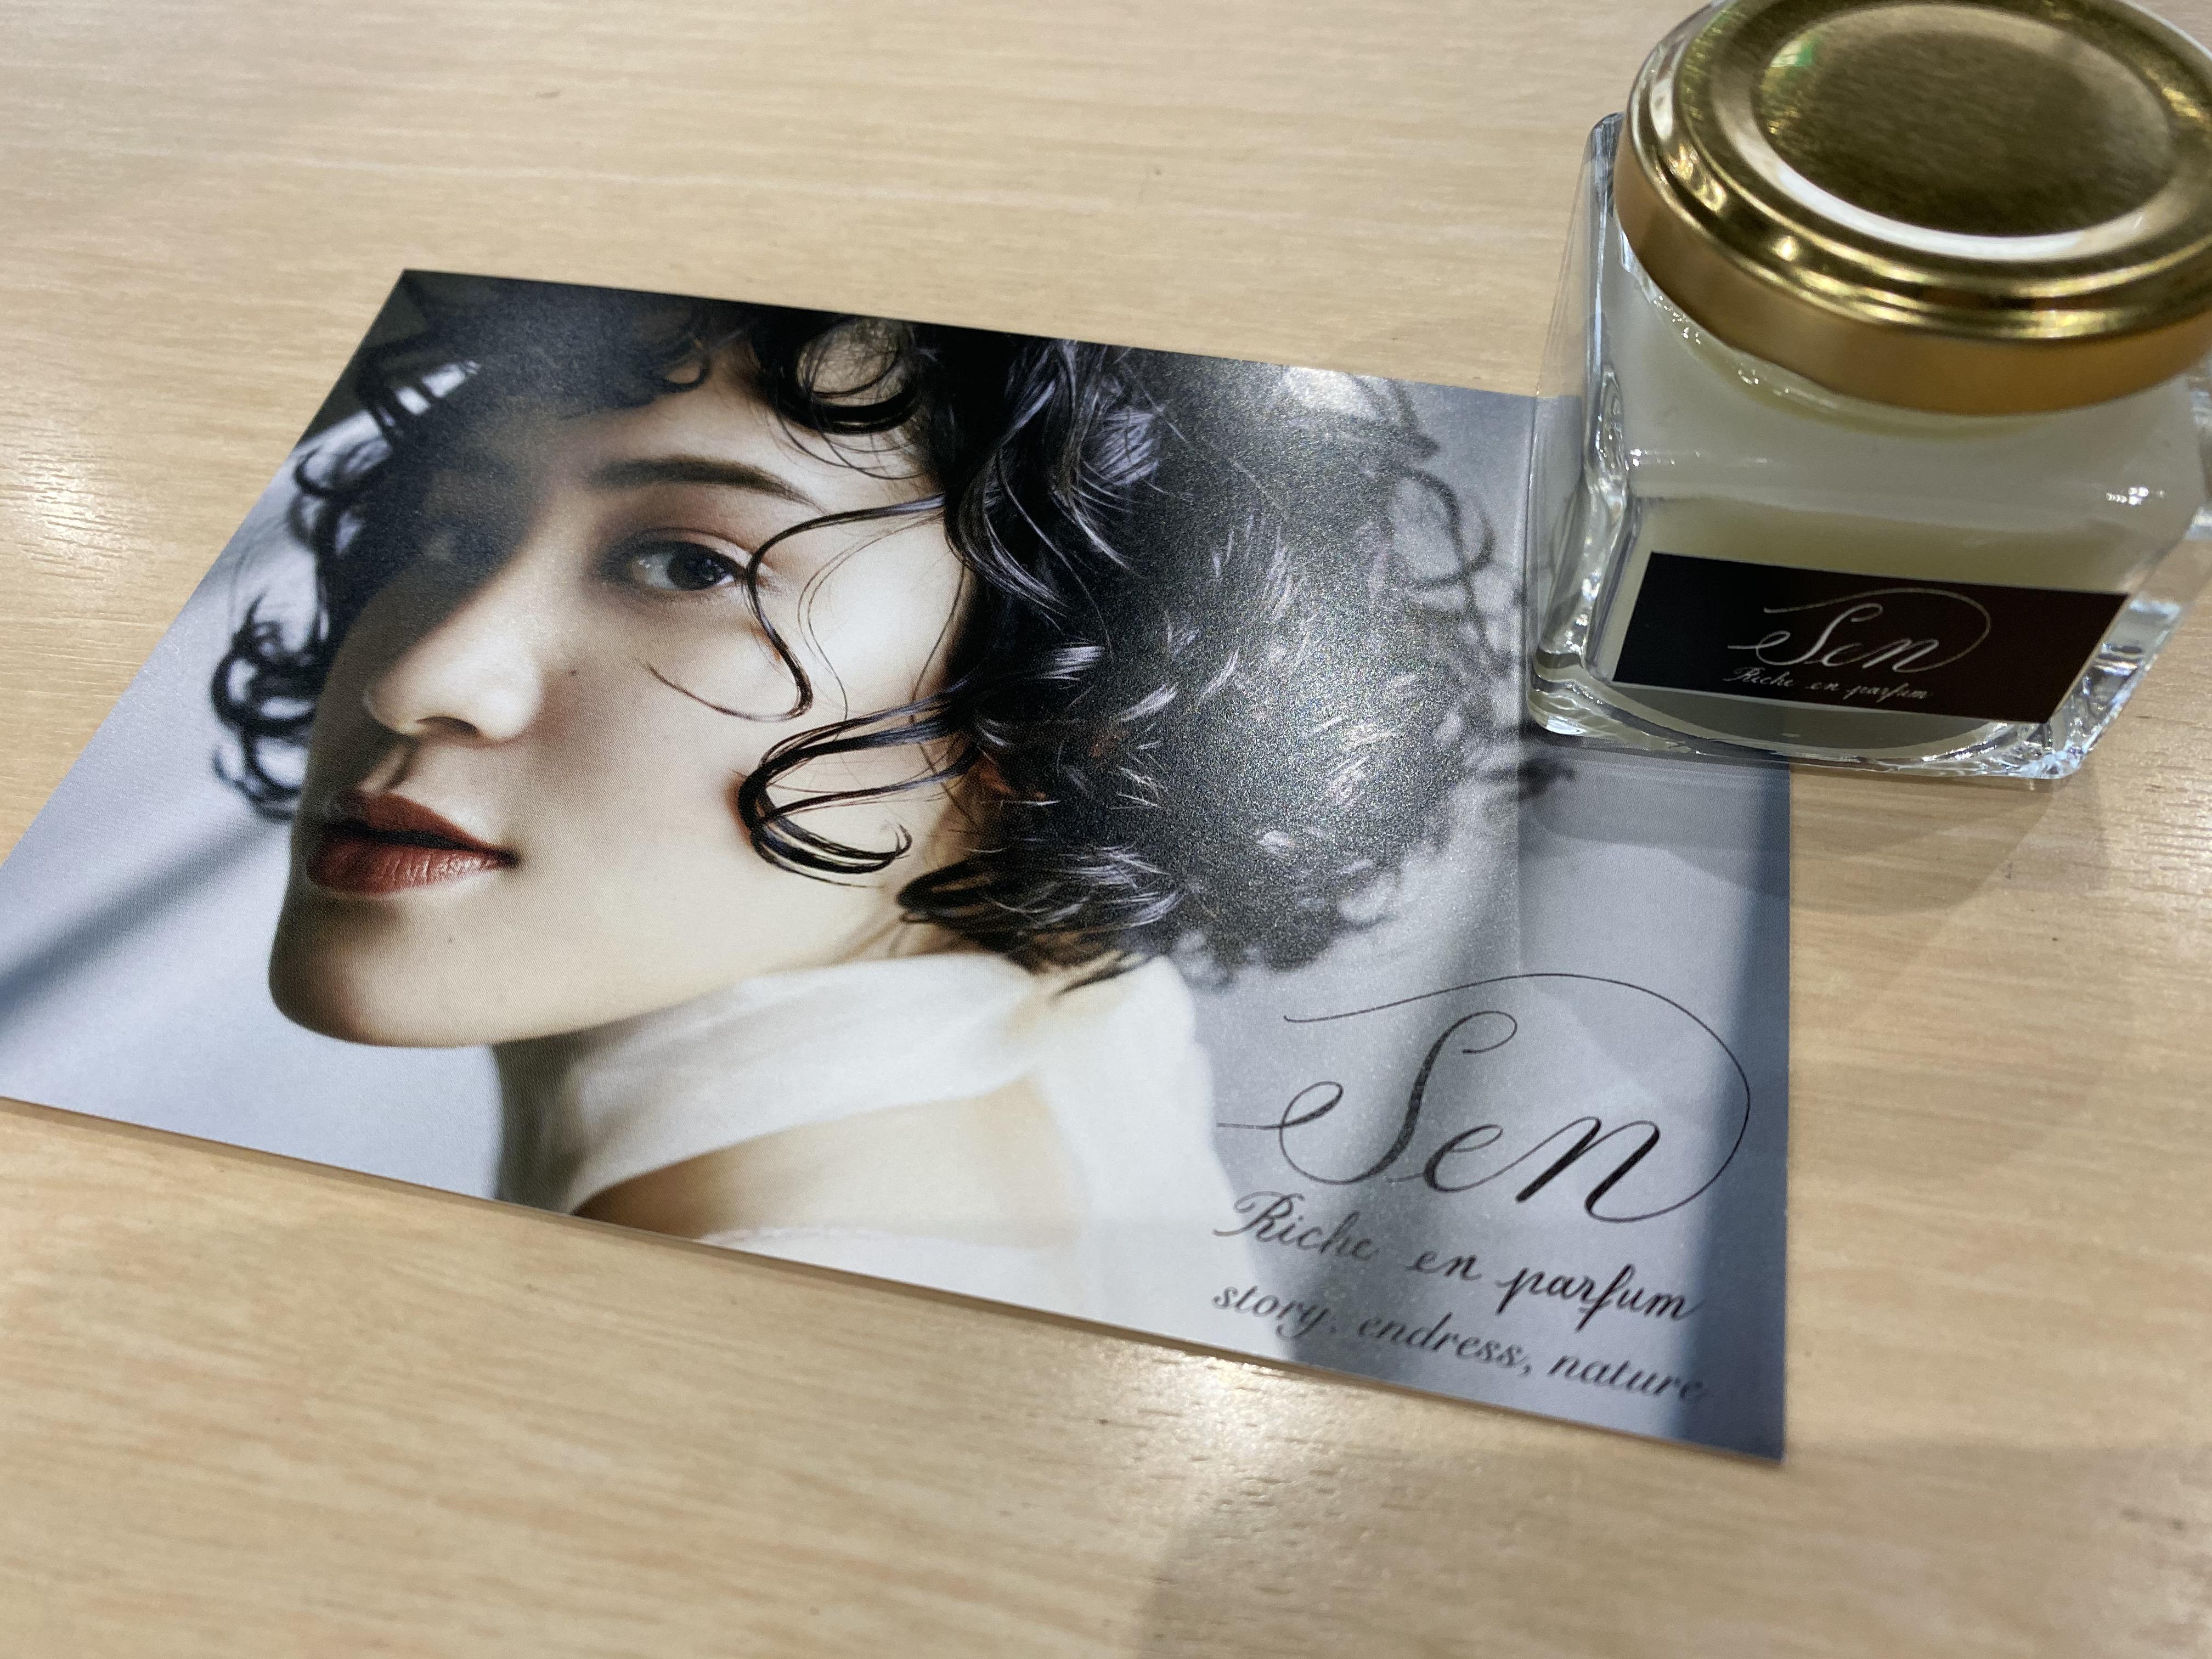 Riche en parfum – sen: story, endress, nature.